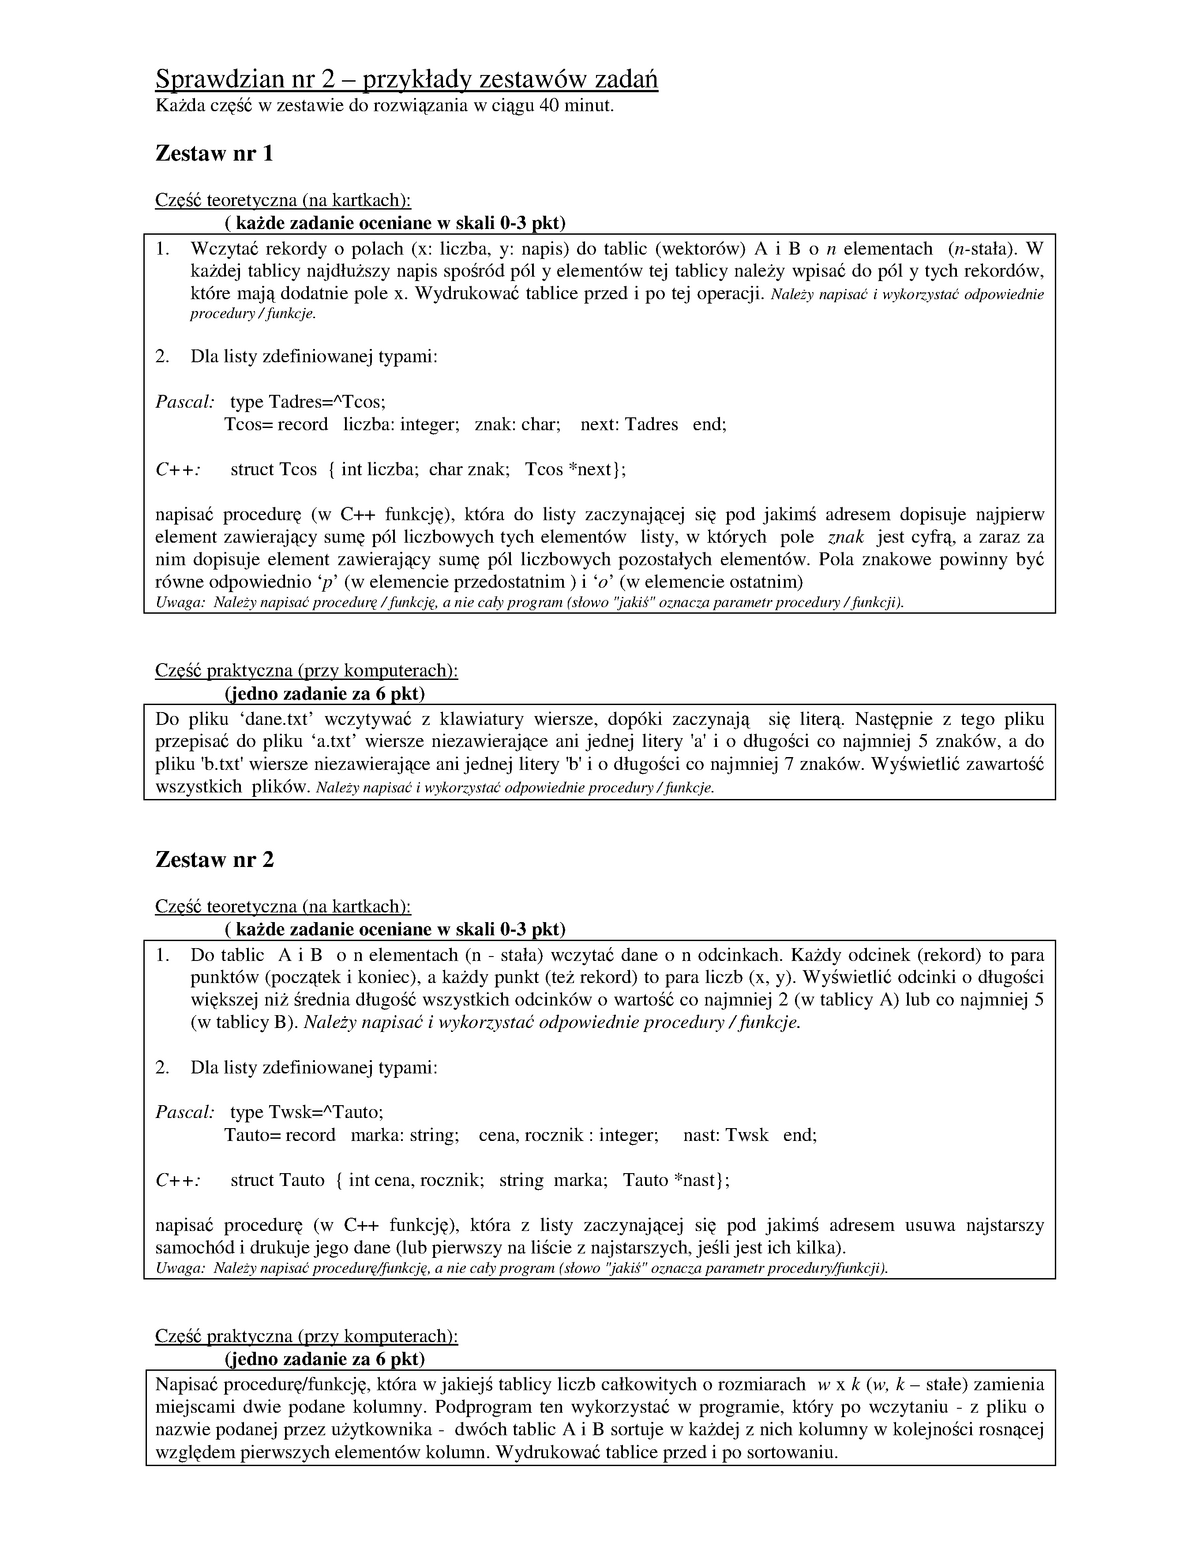 Exam June 2017 Questions Programowanie Zaawansowane Uwm